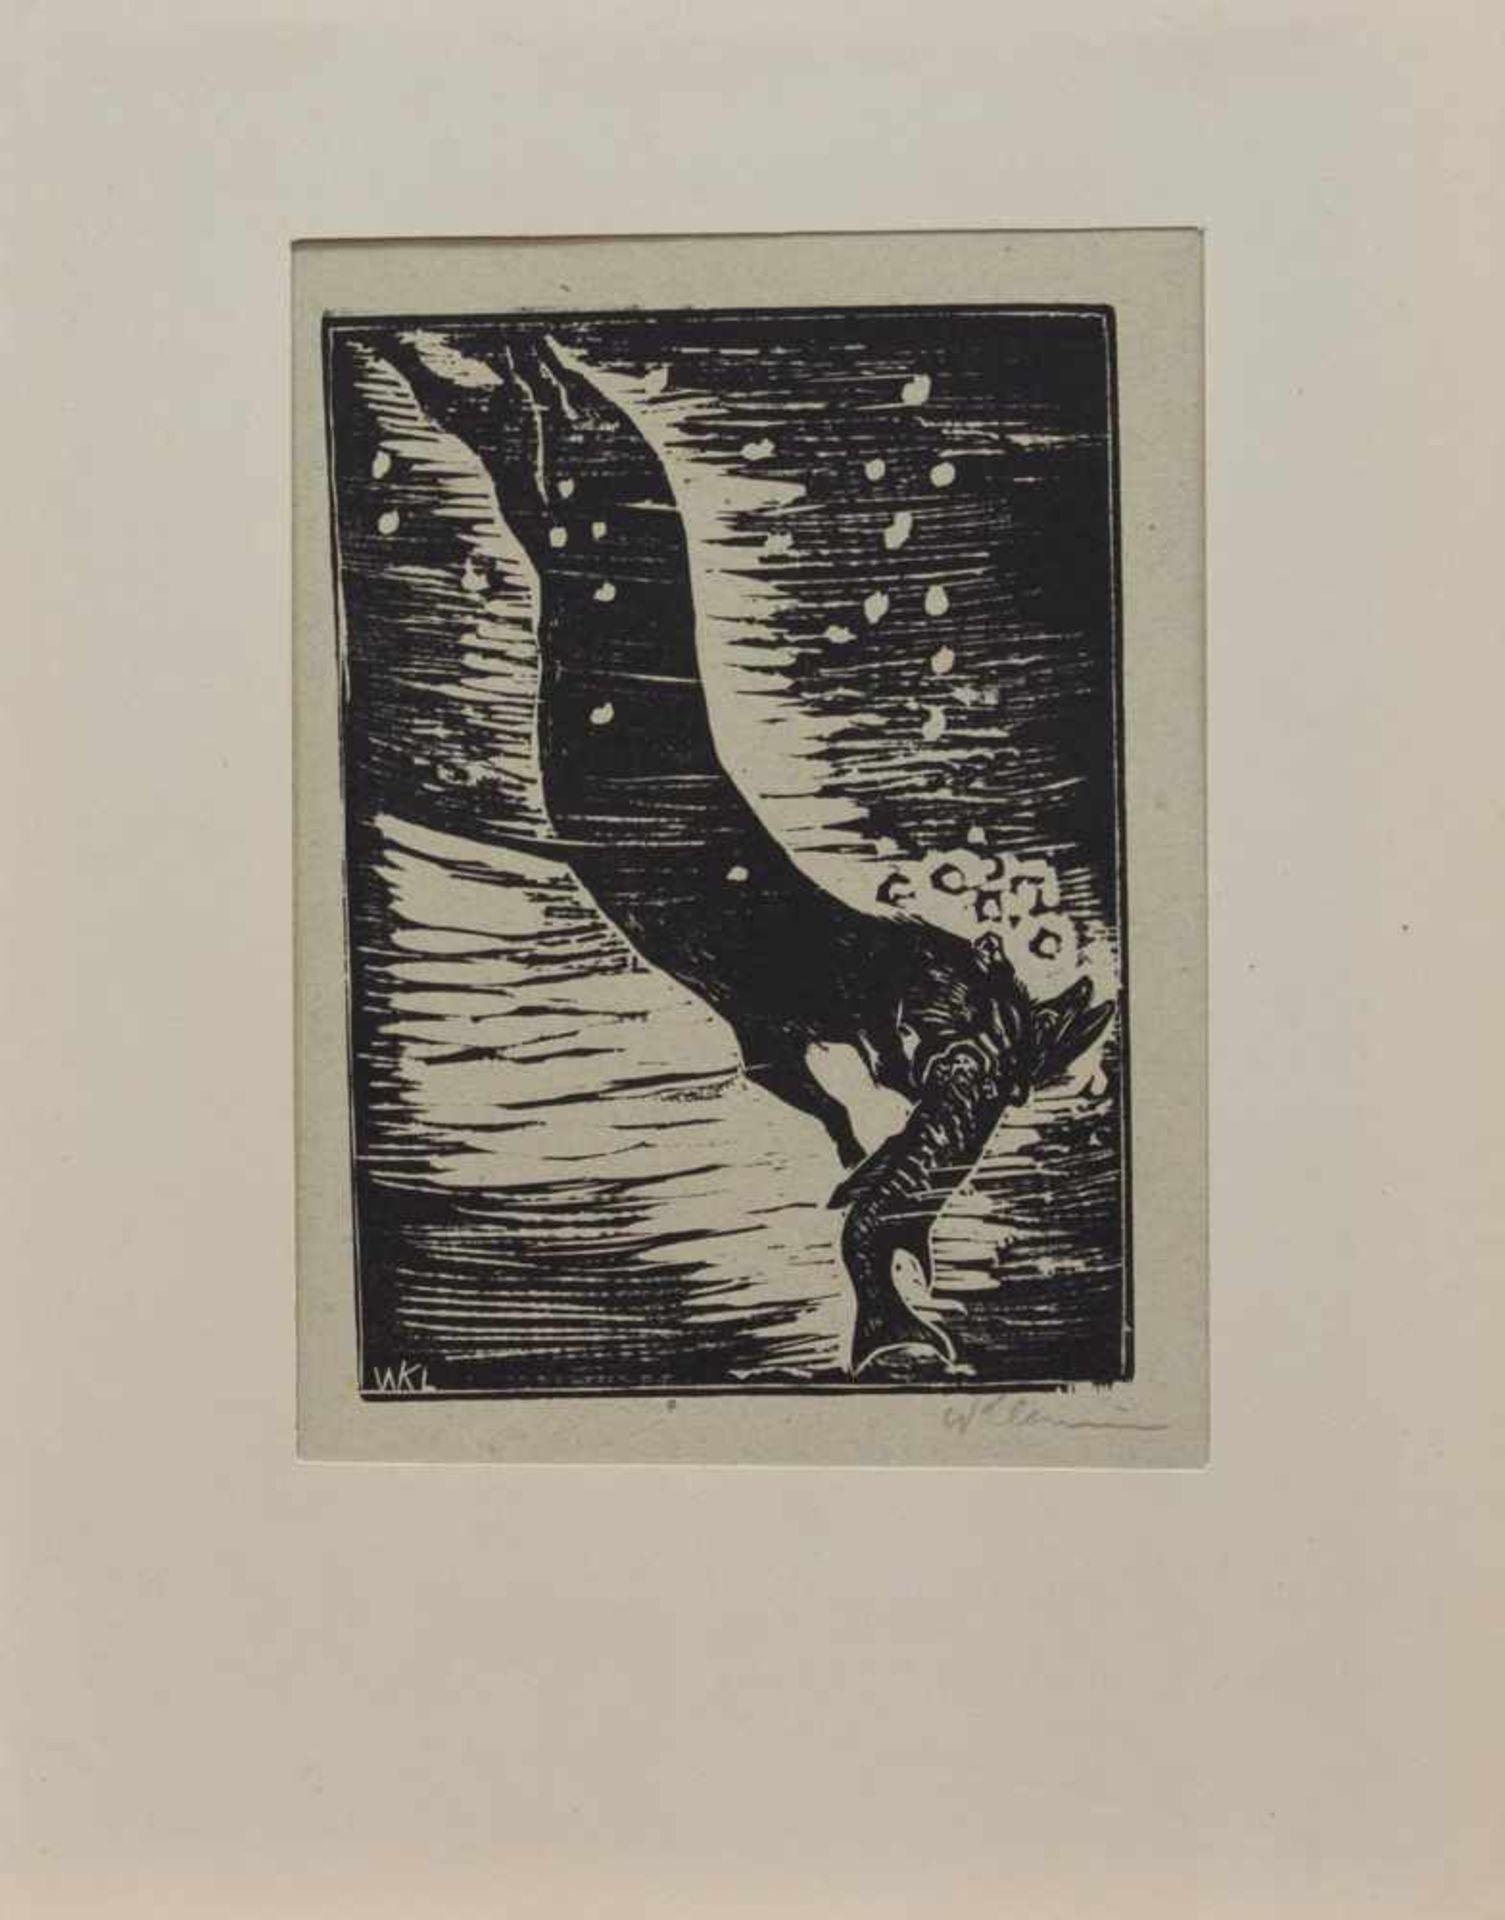 Los 19 - Walter Klemm (Karlsbad 1883 - 1957 Weimar, deutscher Maler, Grafiker u. Illustrator, Std. a.d.